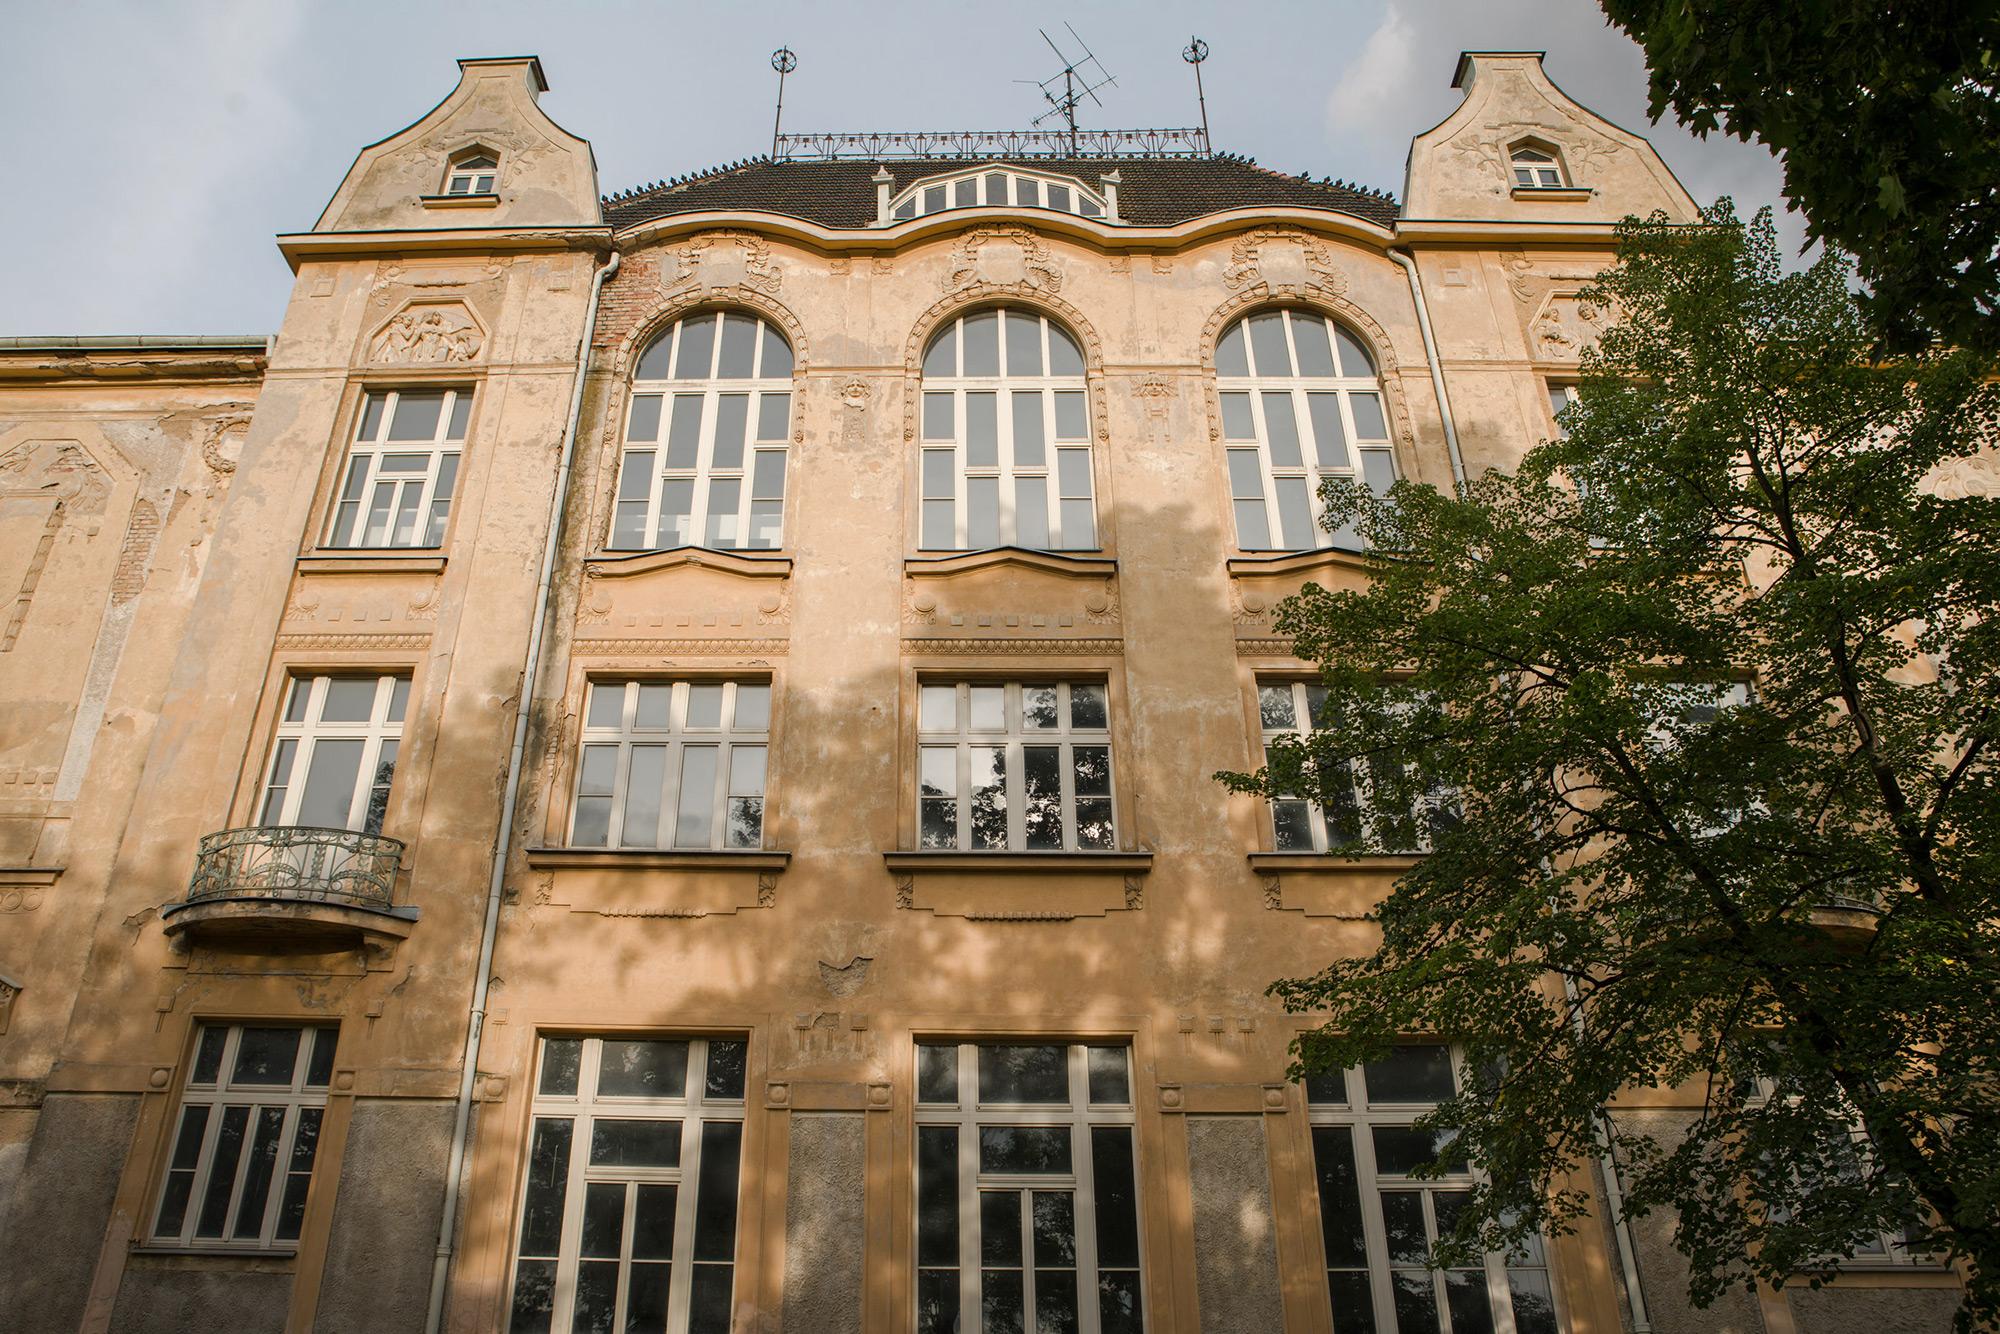 Nová strašnická škola (Foto Markéta M. Černá)